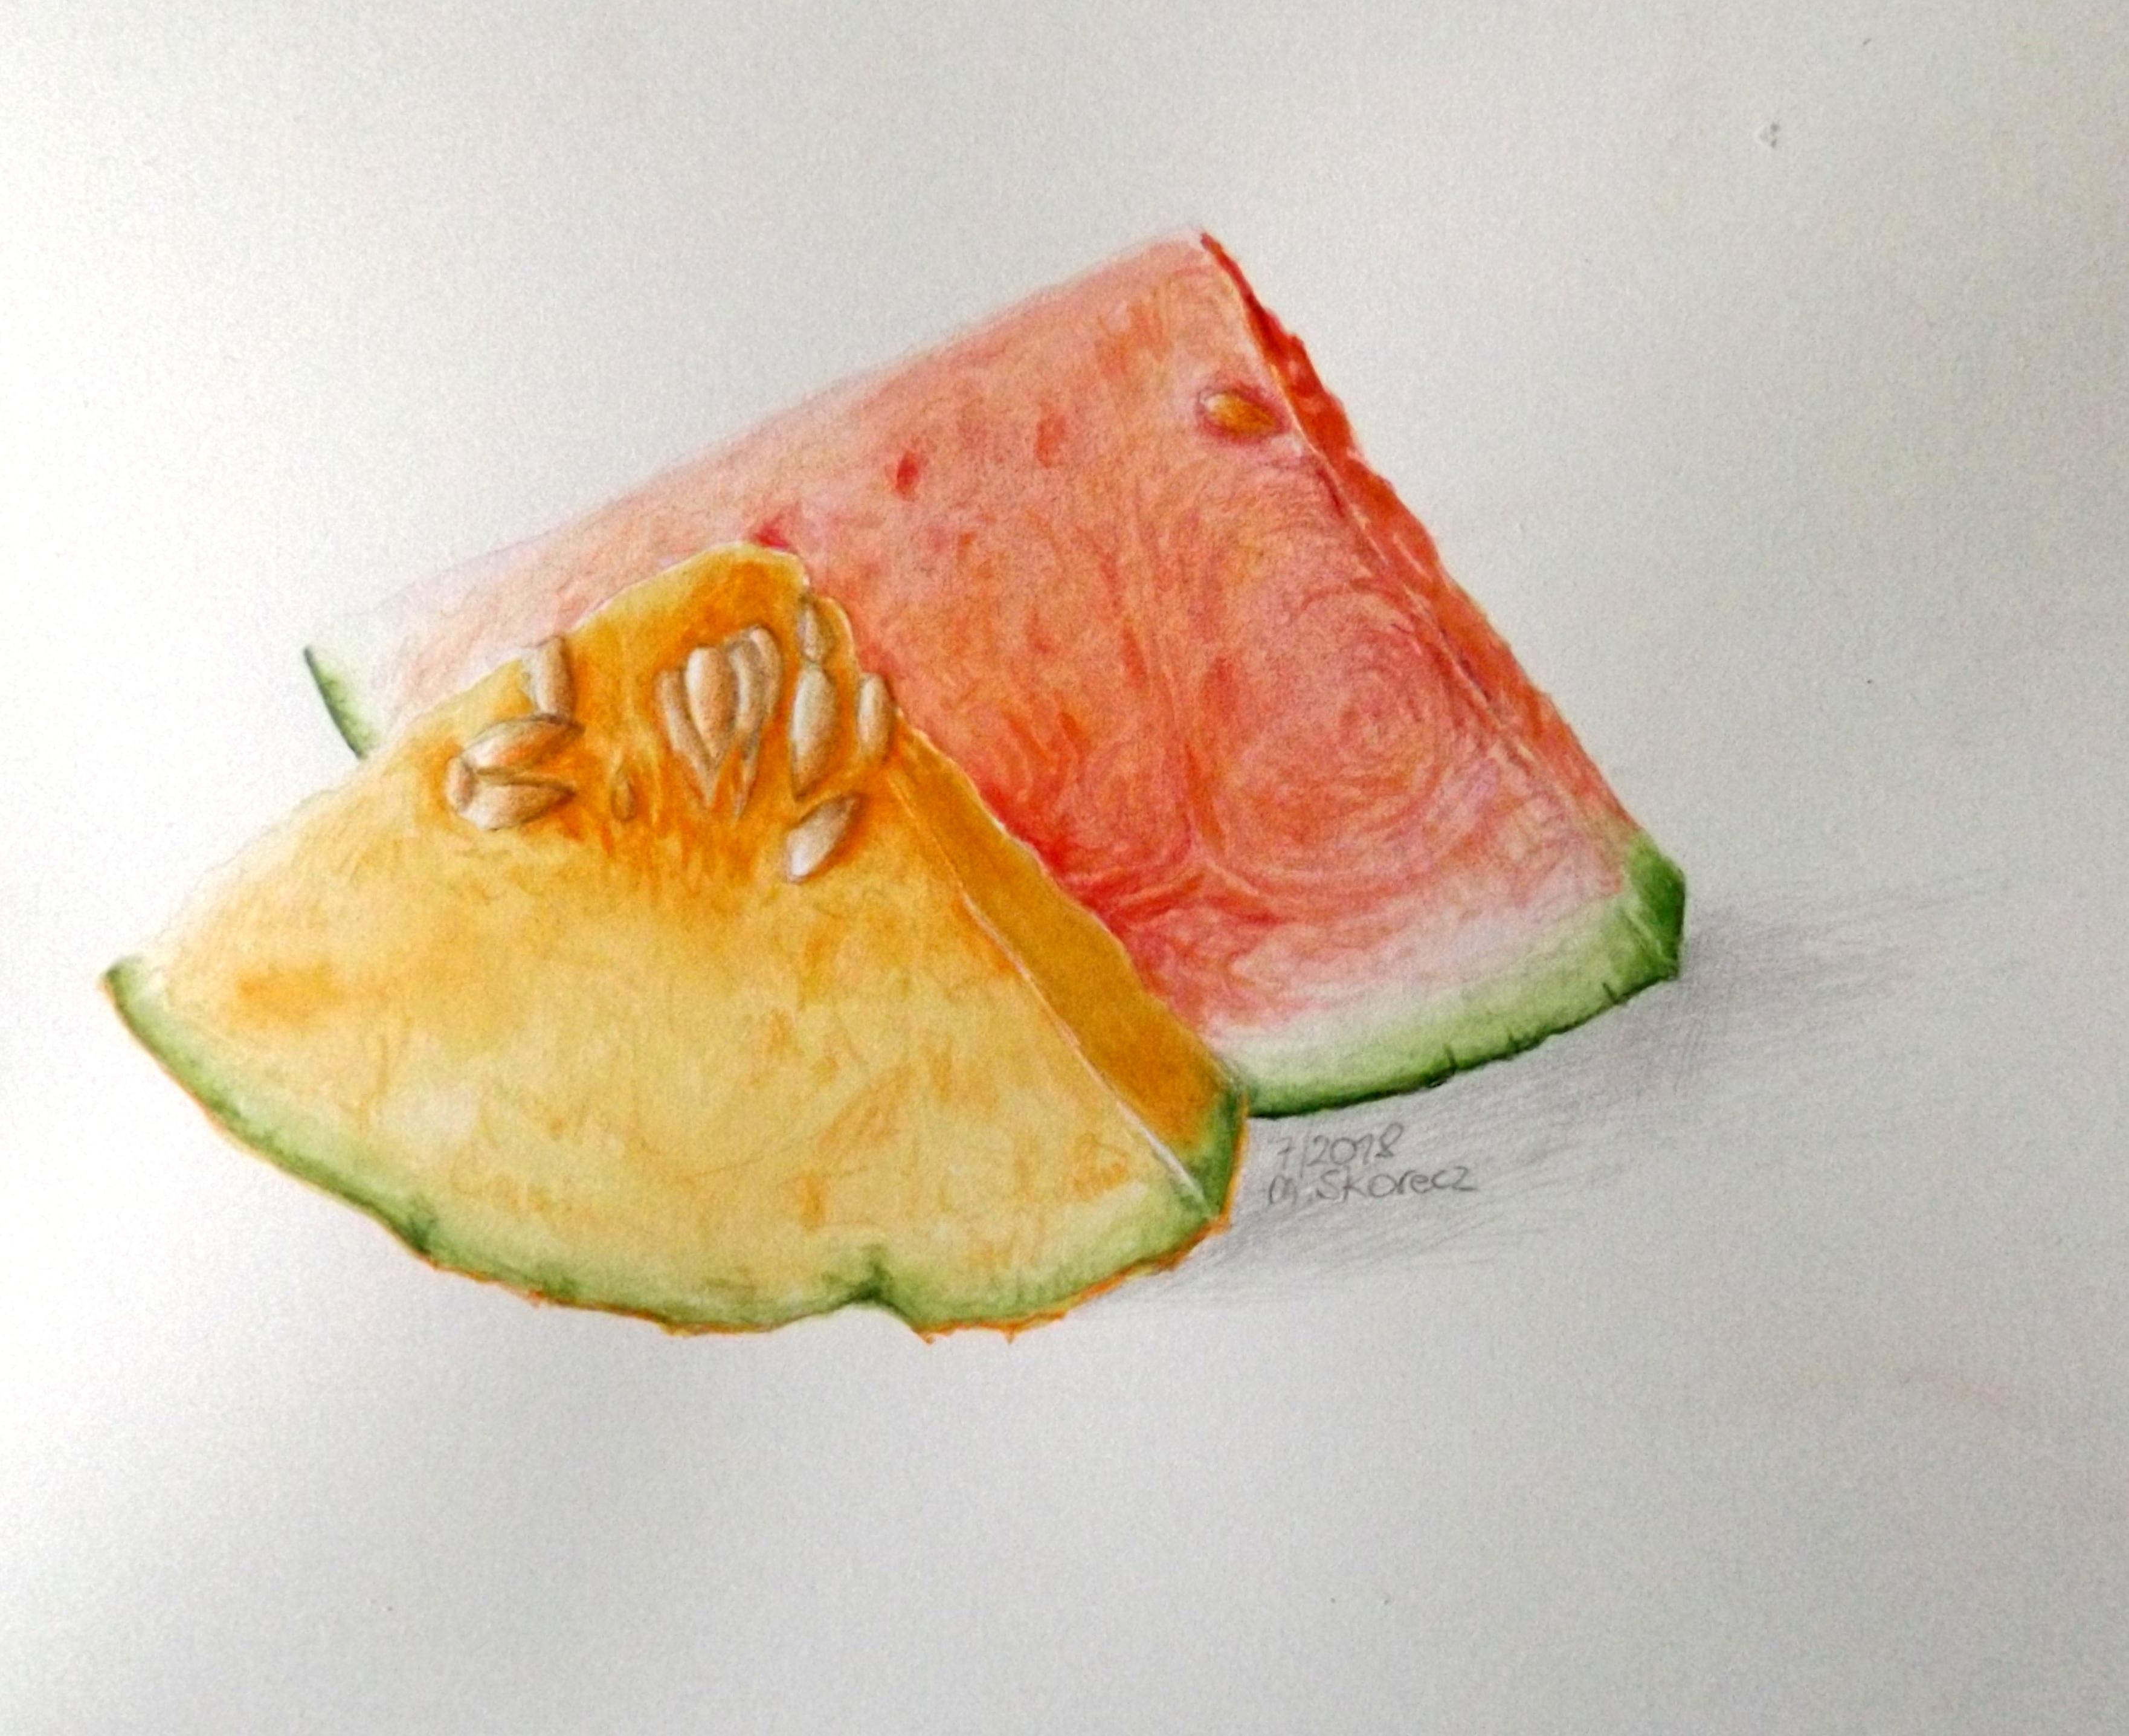 Scheiben Melonen Handgemalt